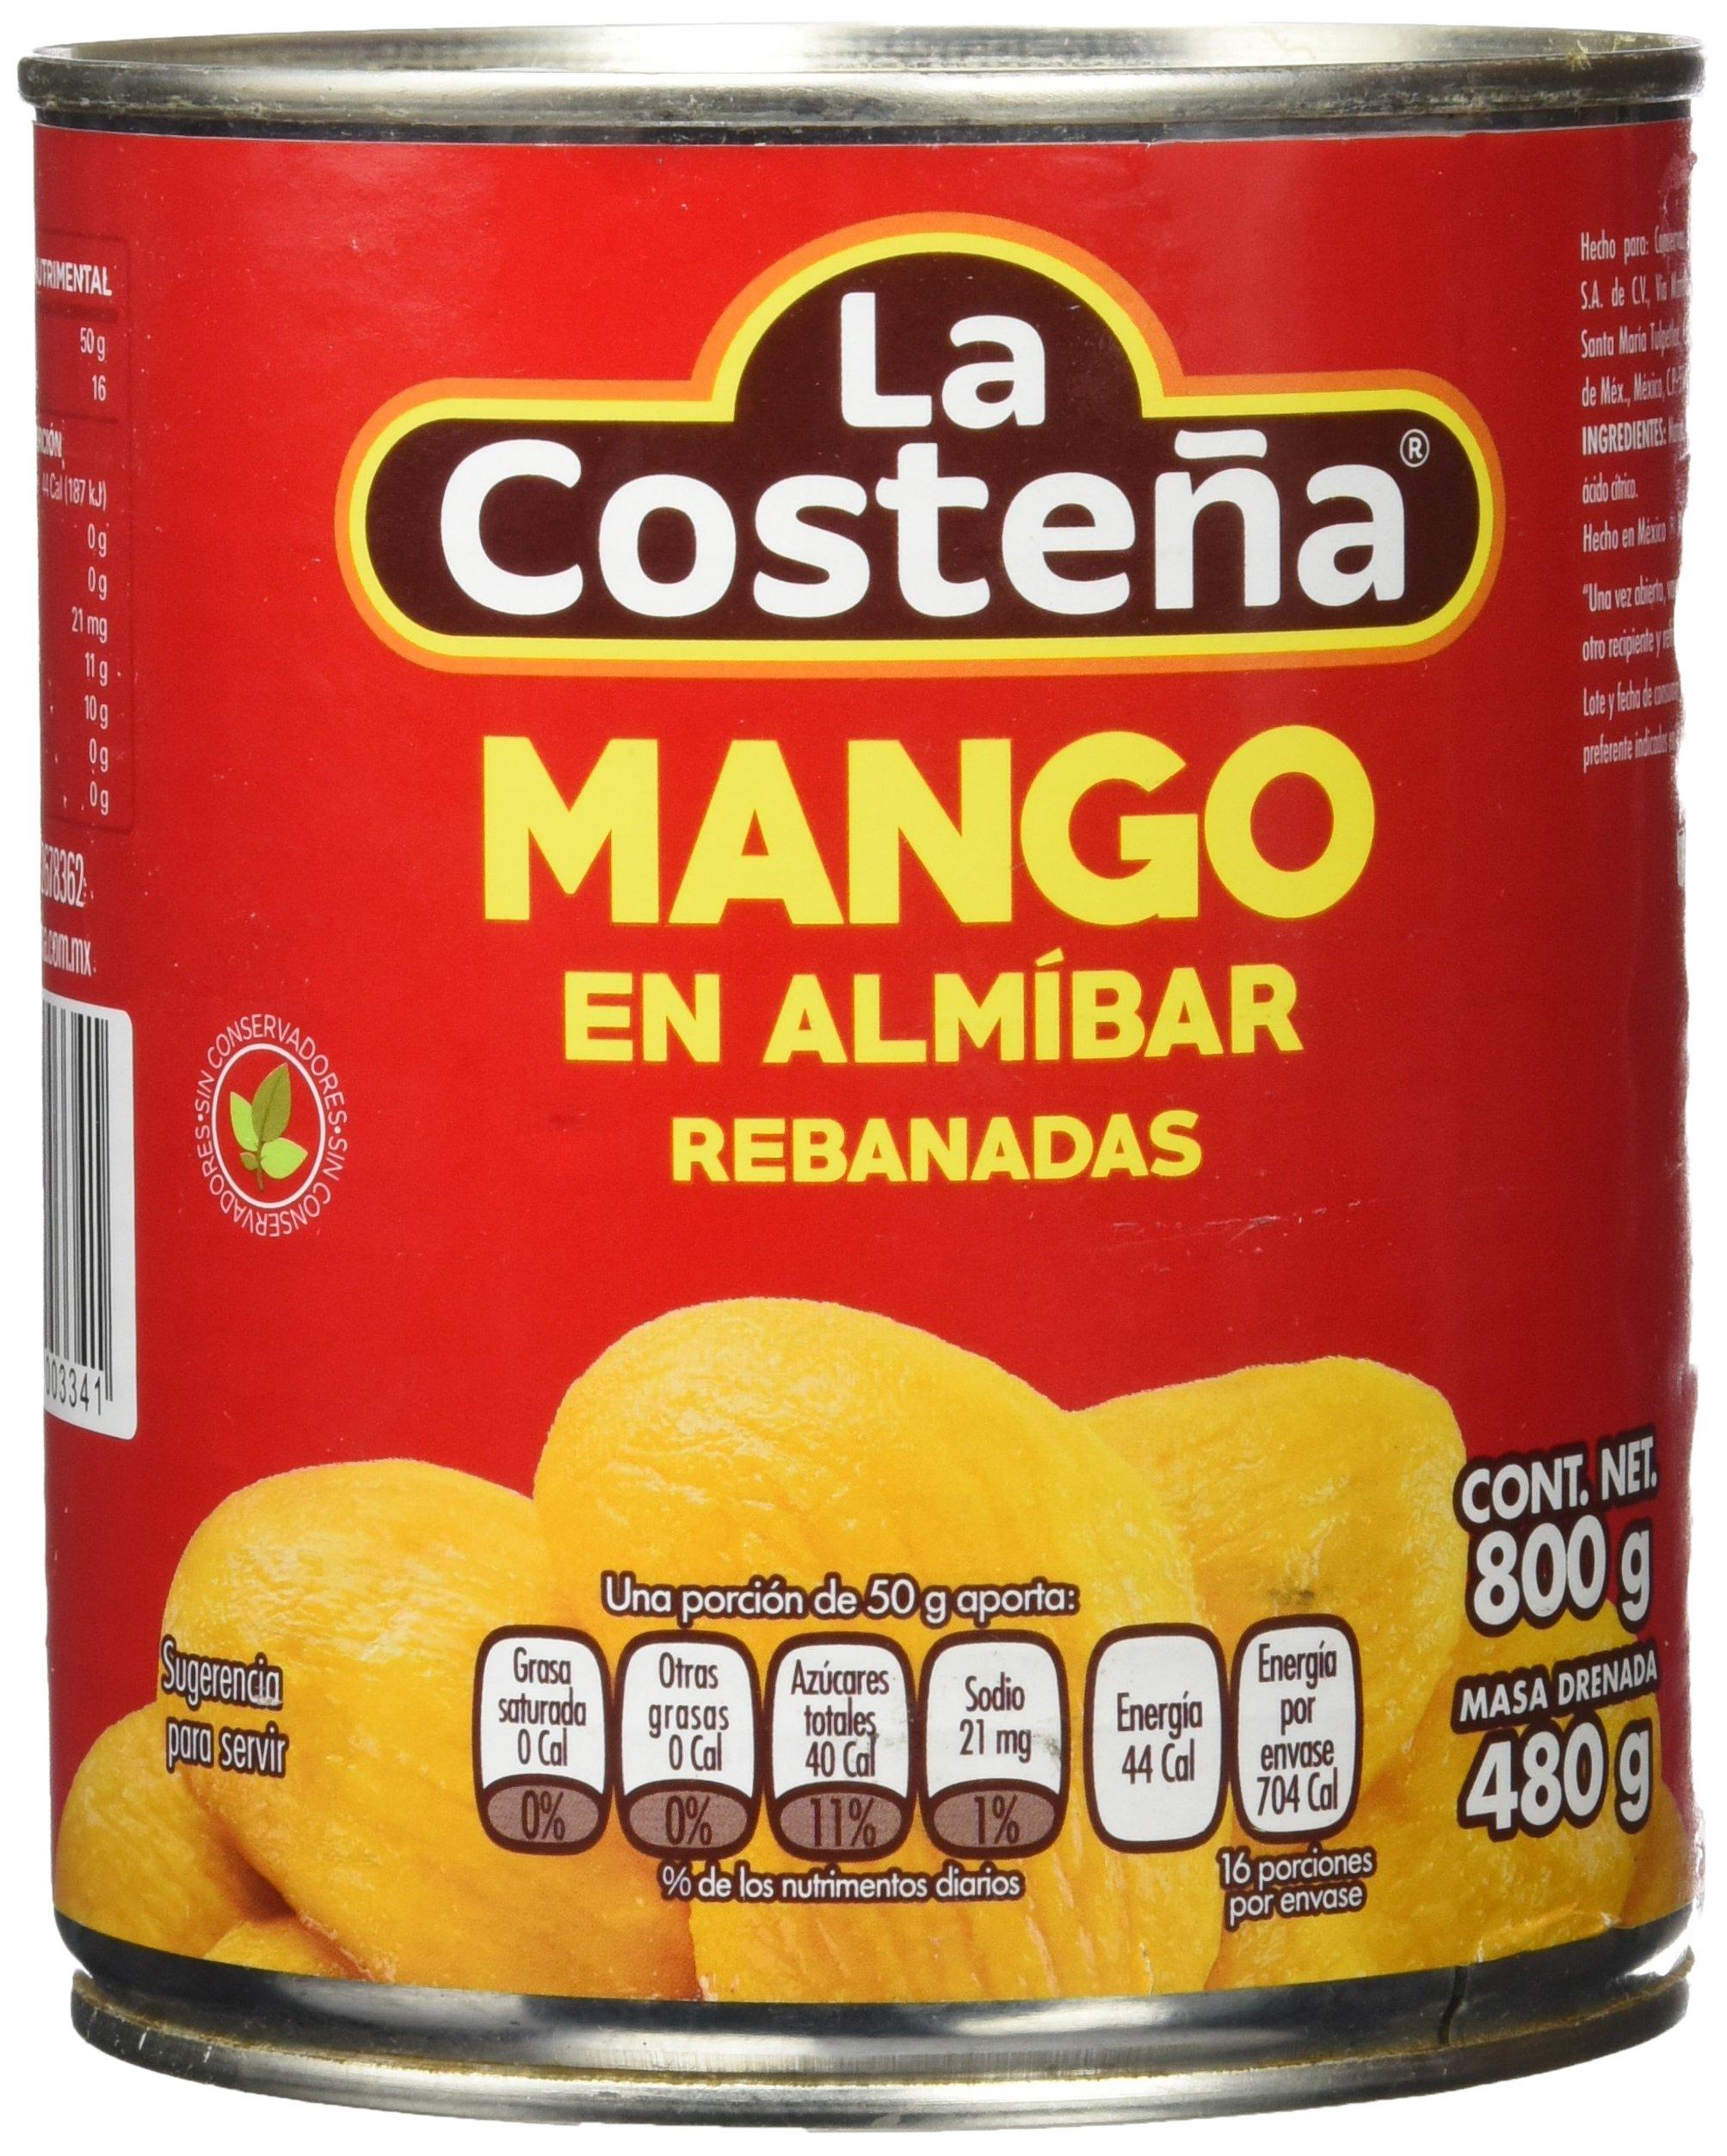 La Costeña Mango en Rebanadas - Paquete de 12 x 800 gr - Total: 9600 gr